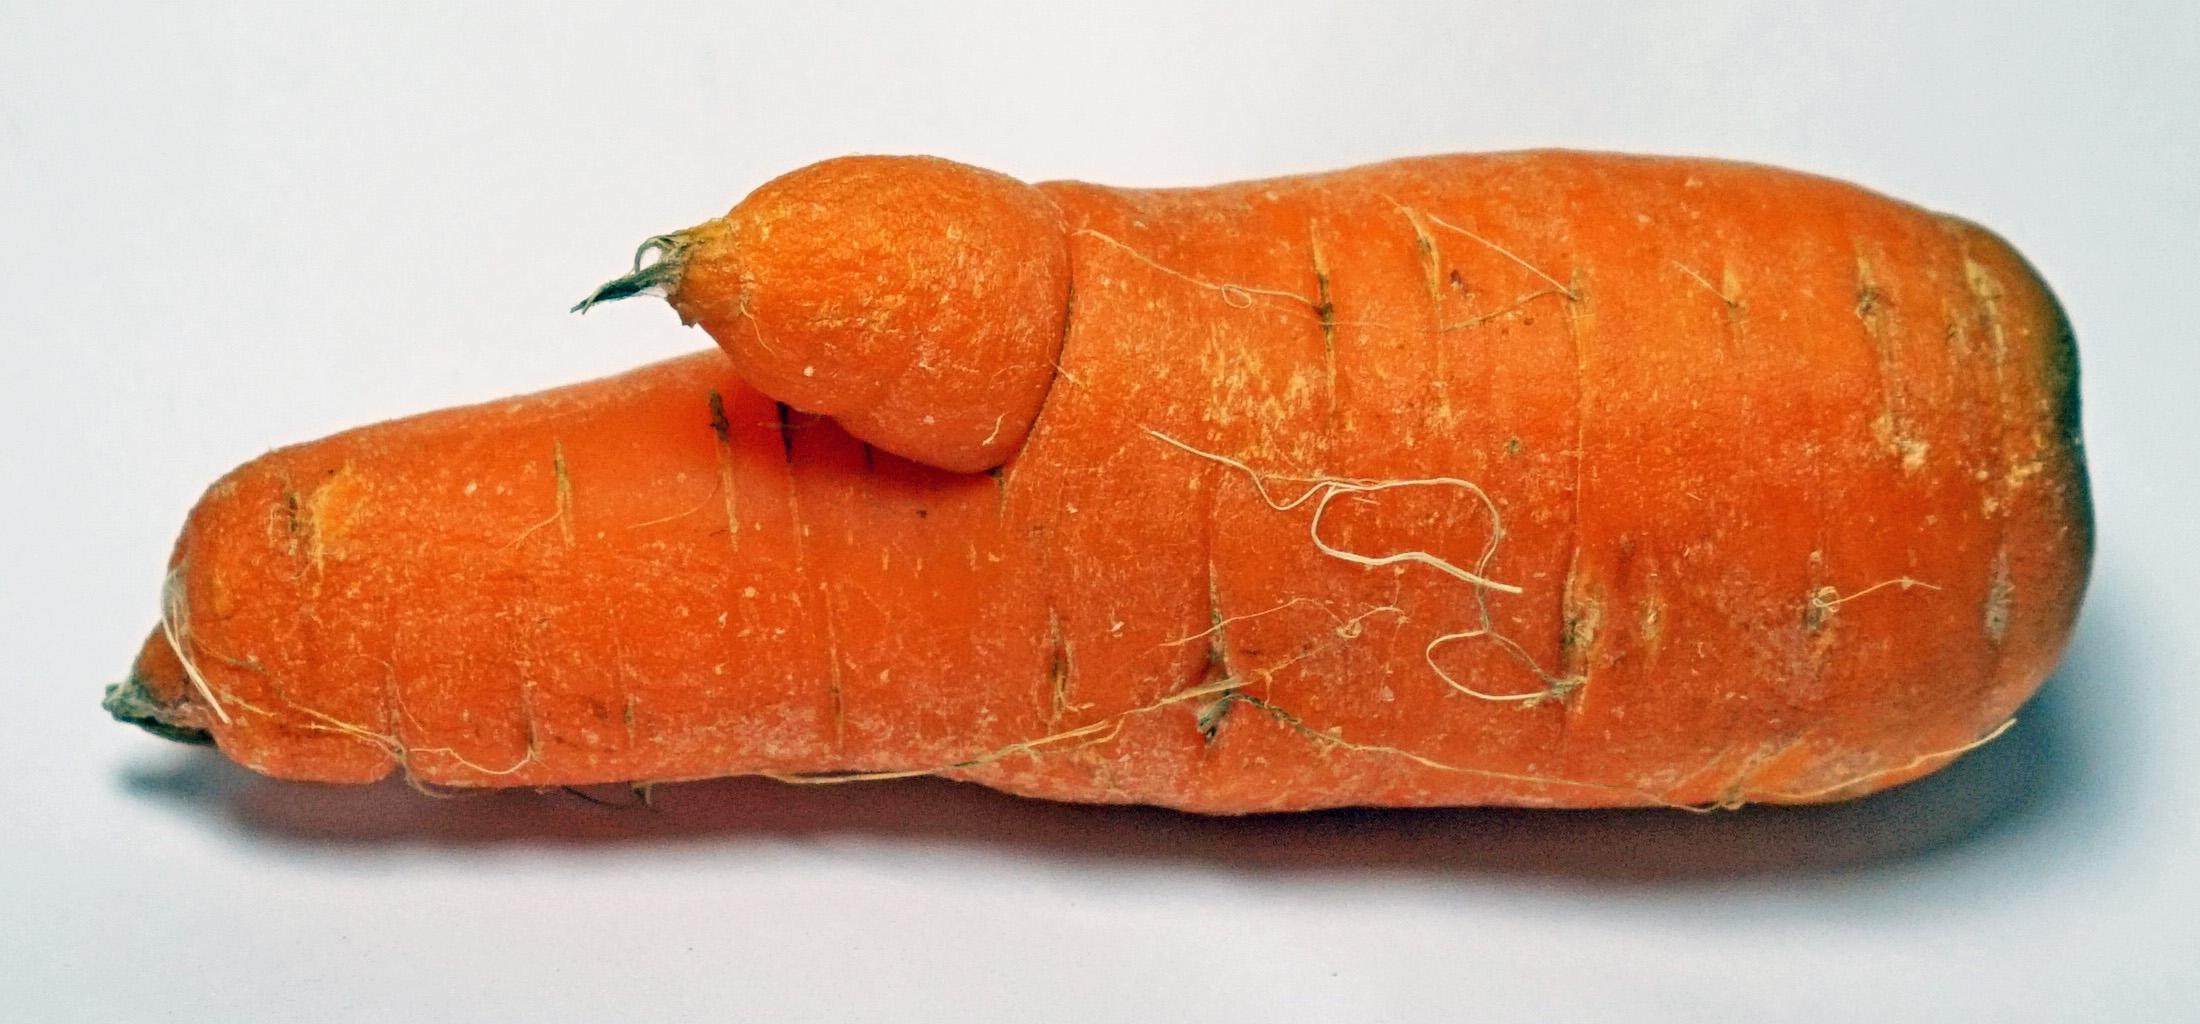 Image result for deformed carrots